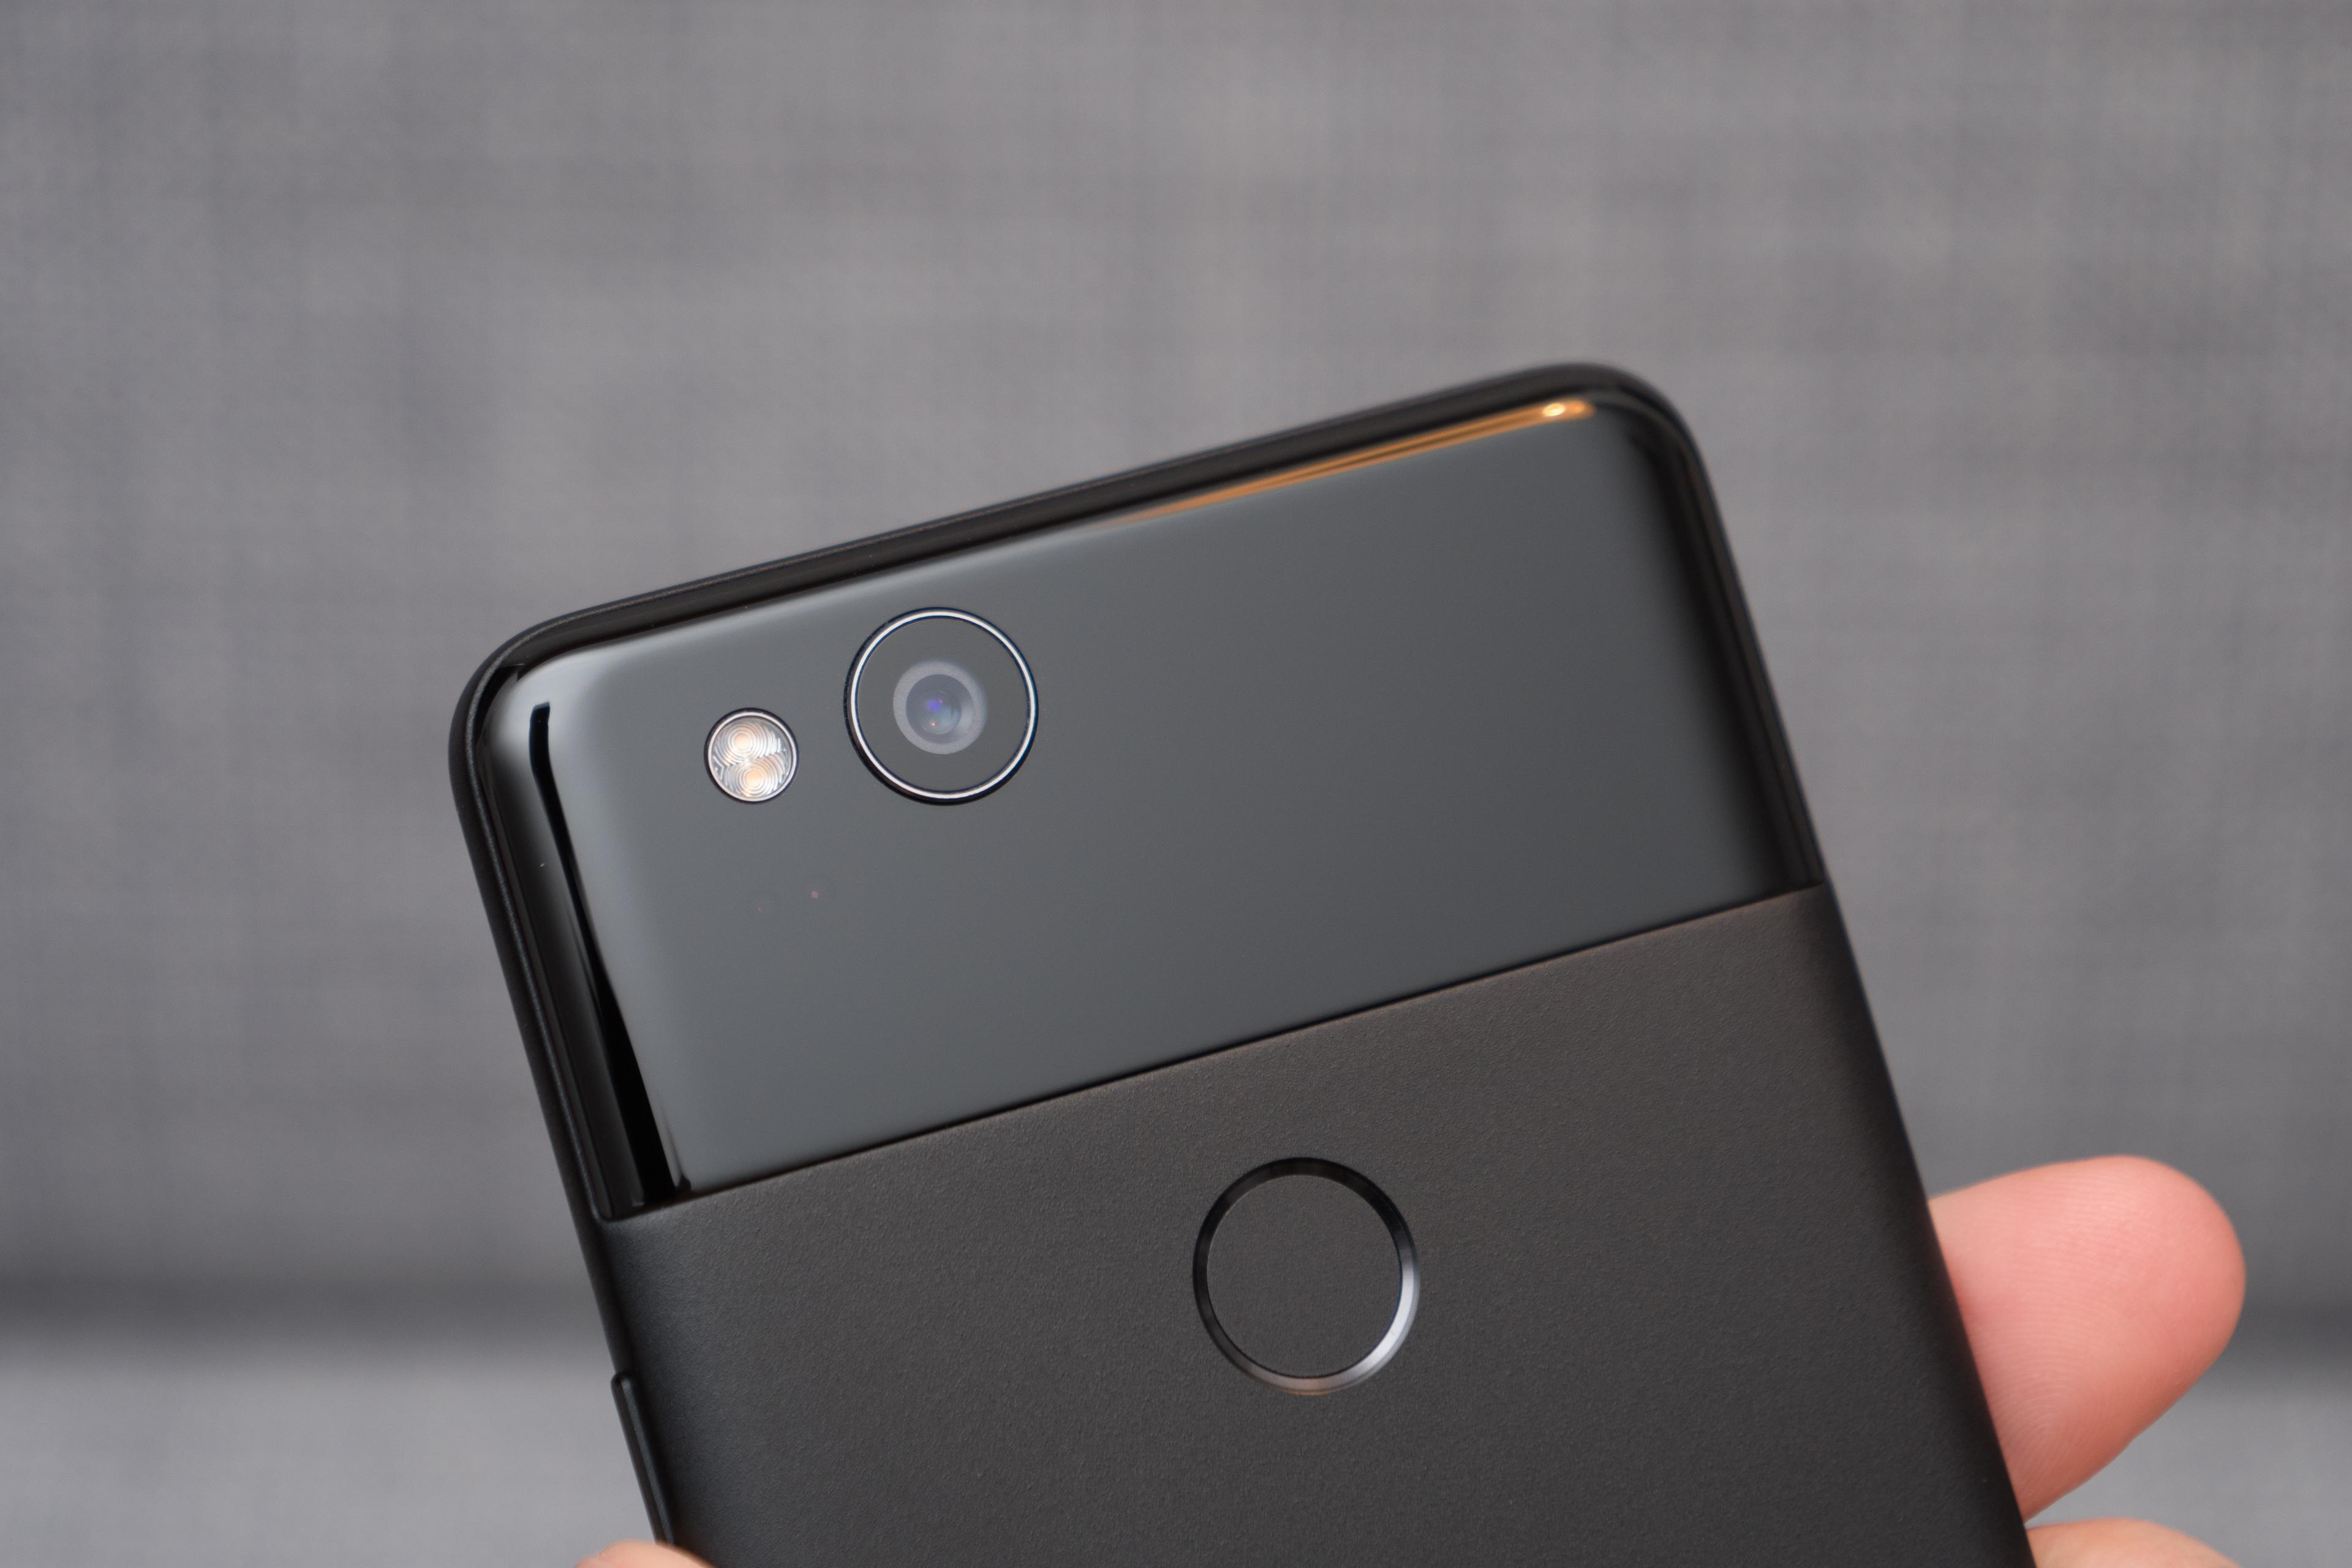 L'excellent mode Portrait du Google Pixel 2 devient open source, une aubaine pour Android